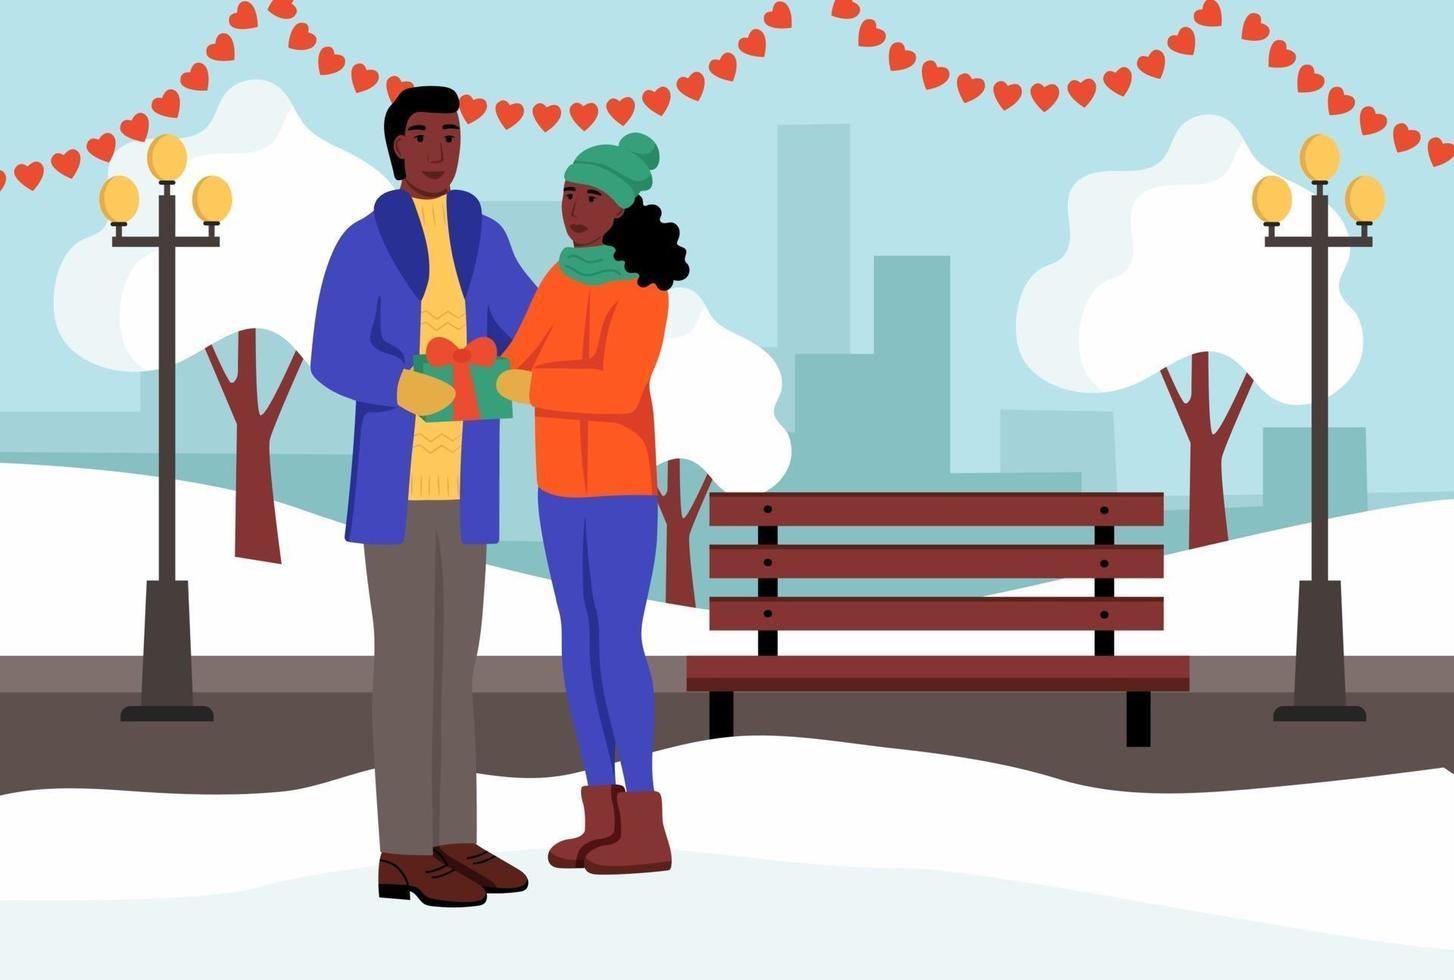 un couple échange des cadeaux dans un parc d'hiver. un jeune homme et une femme célèbrent la Saint-Valentin. illustration vectorielle plane. vecteur